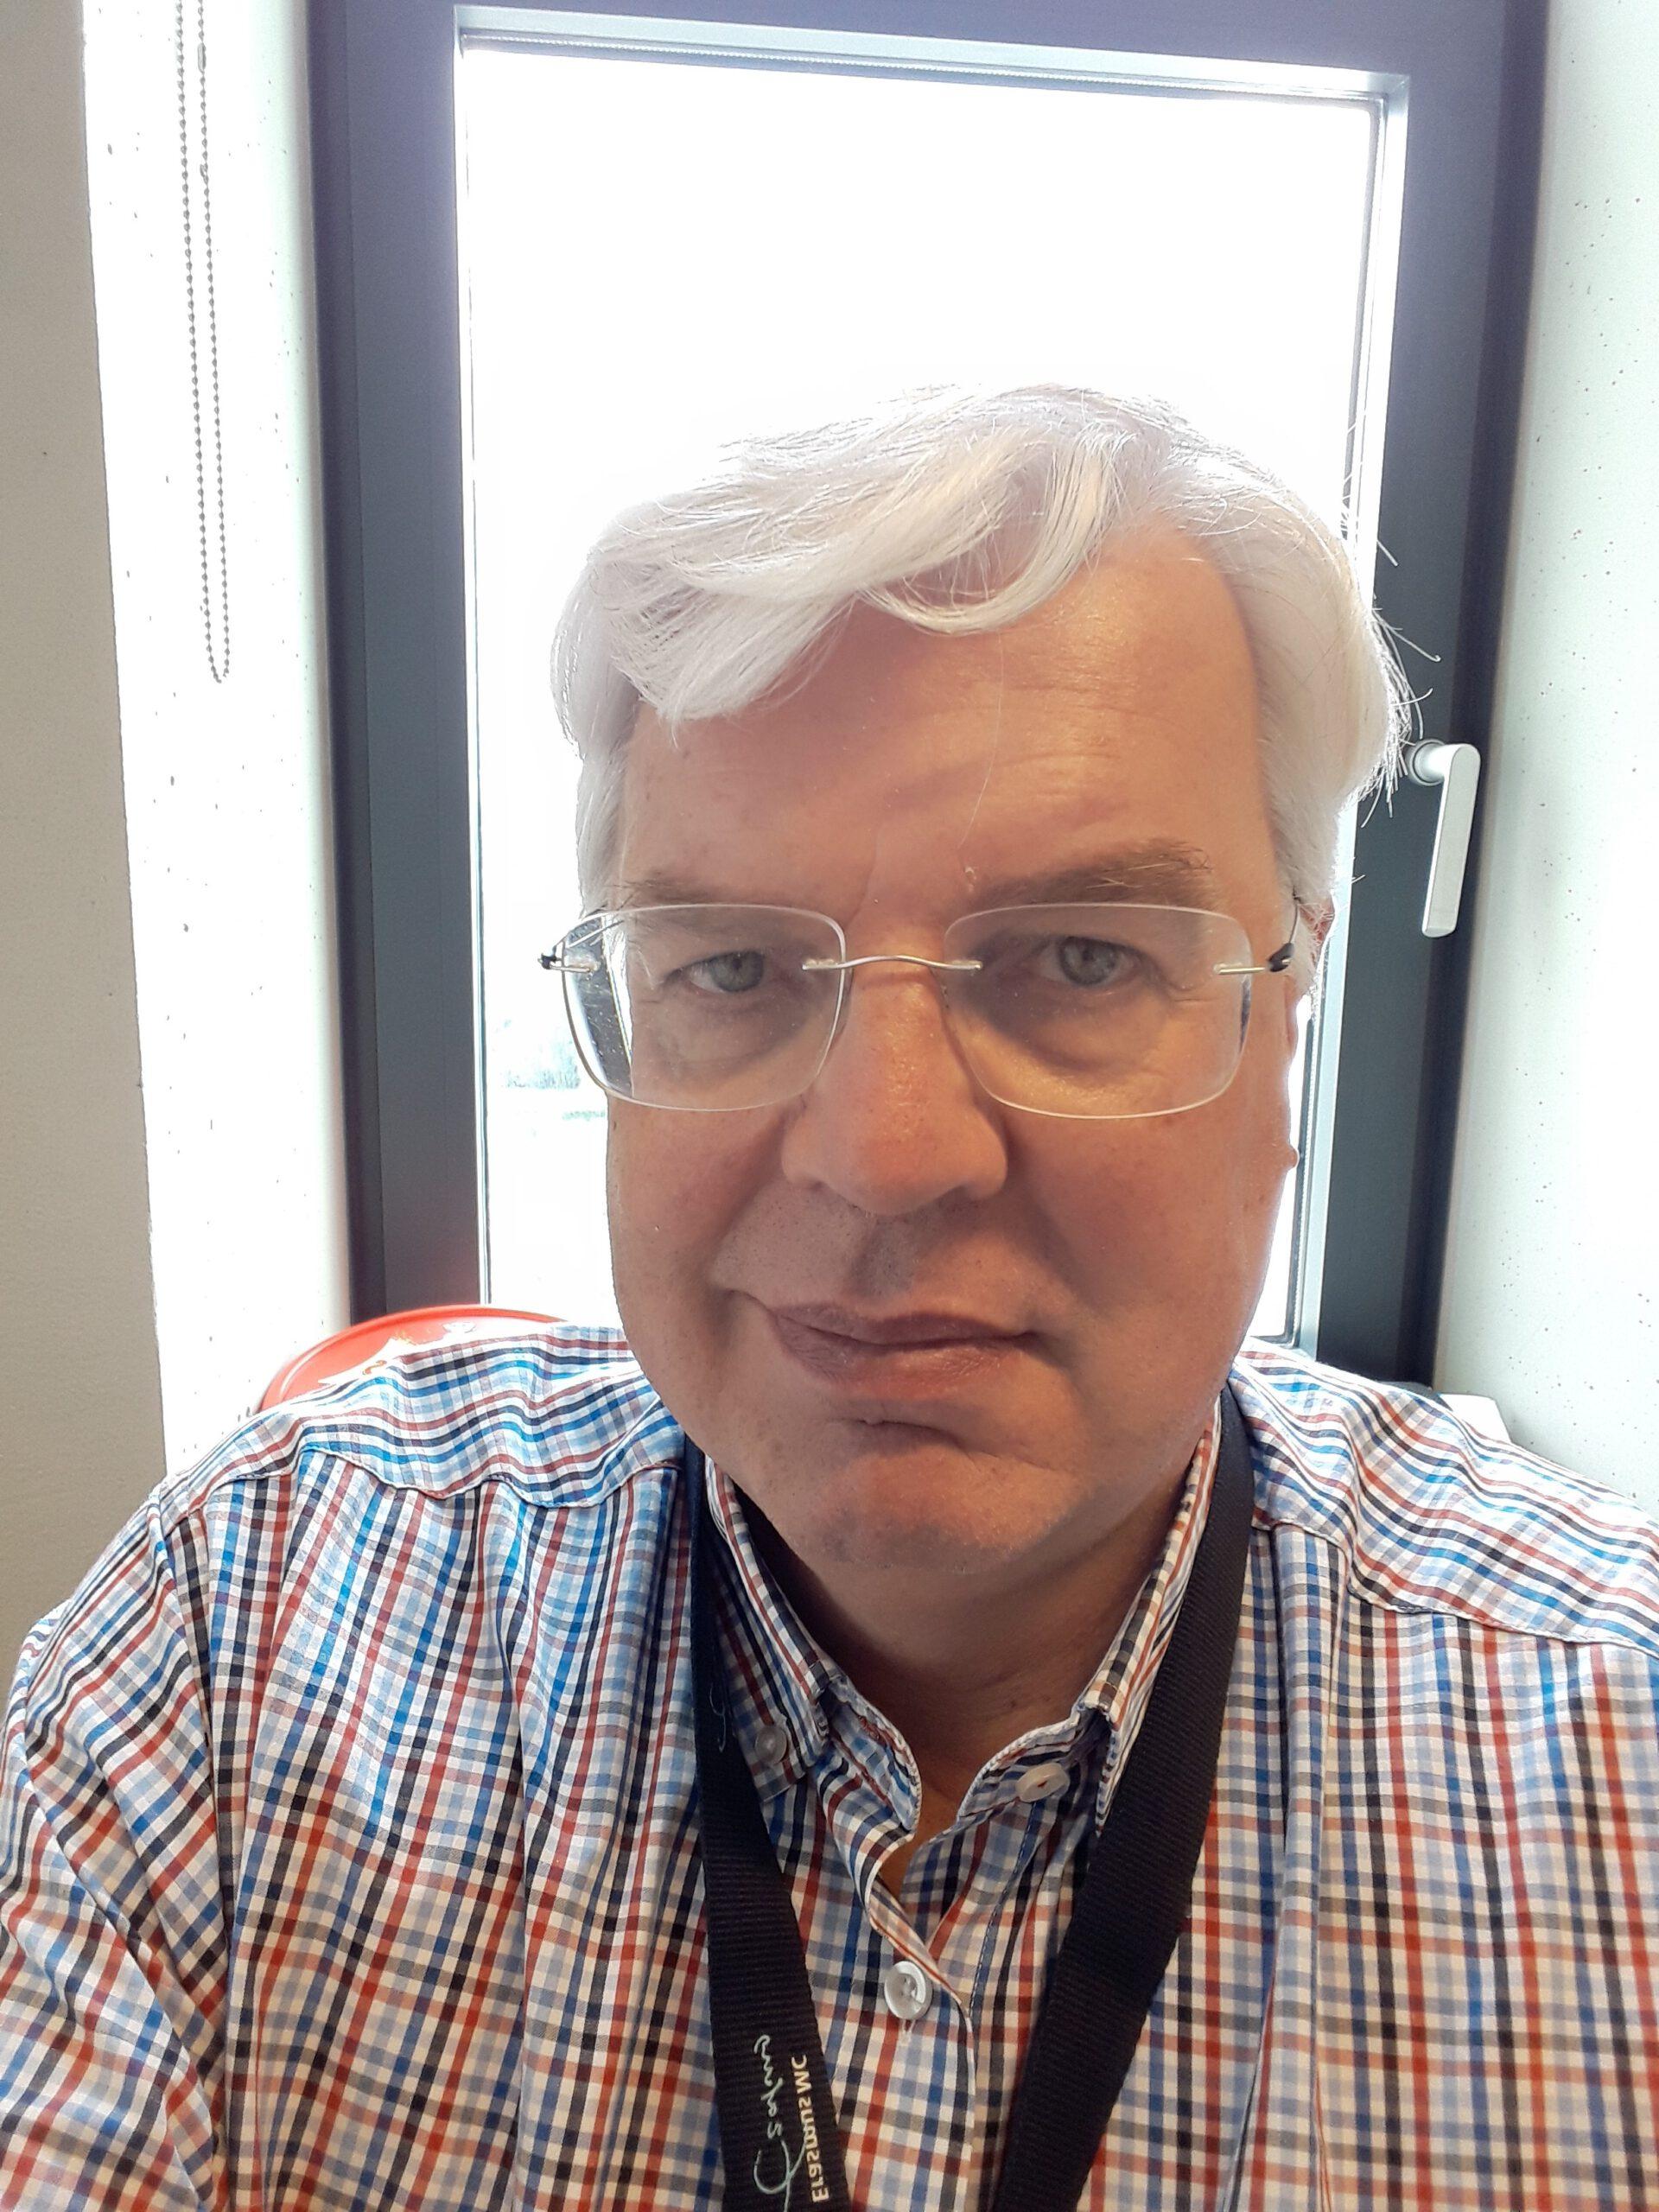 Wim Kirkels MD, PhD